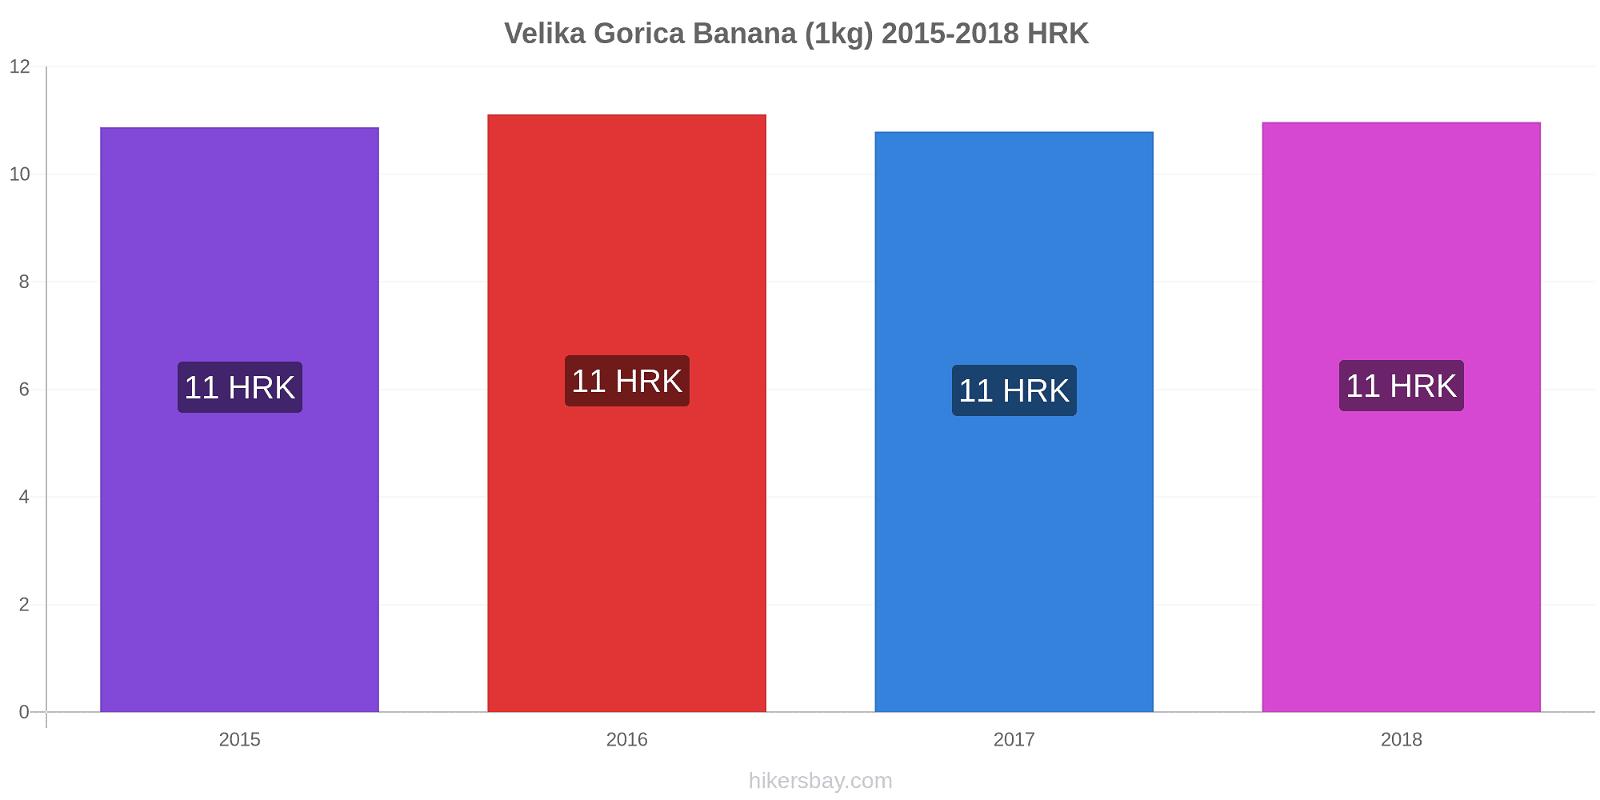 Velika Gorica variazioni di prezzo Banana (1kg) hikersbay.com